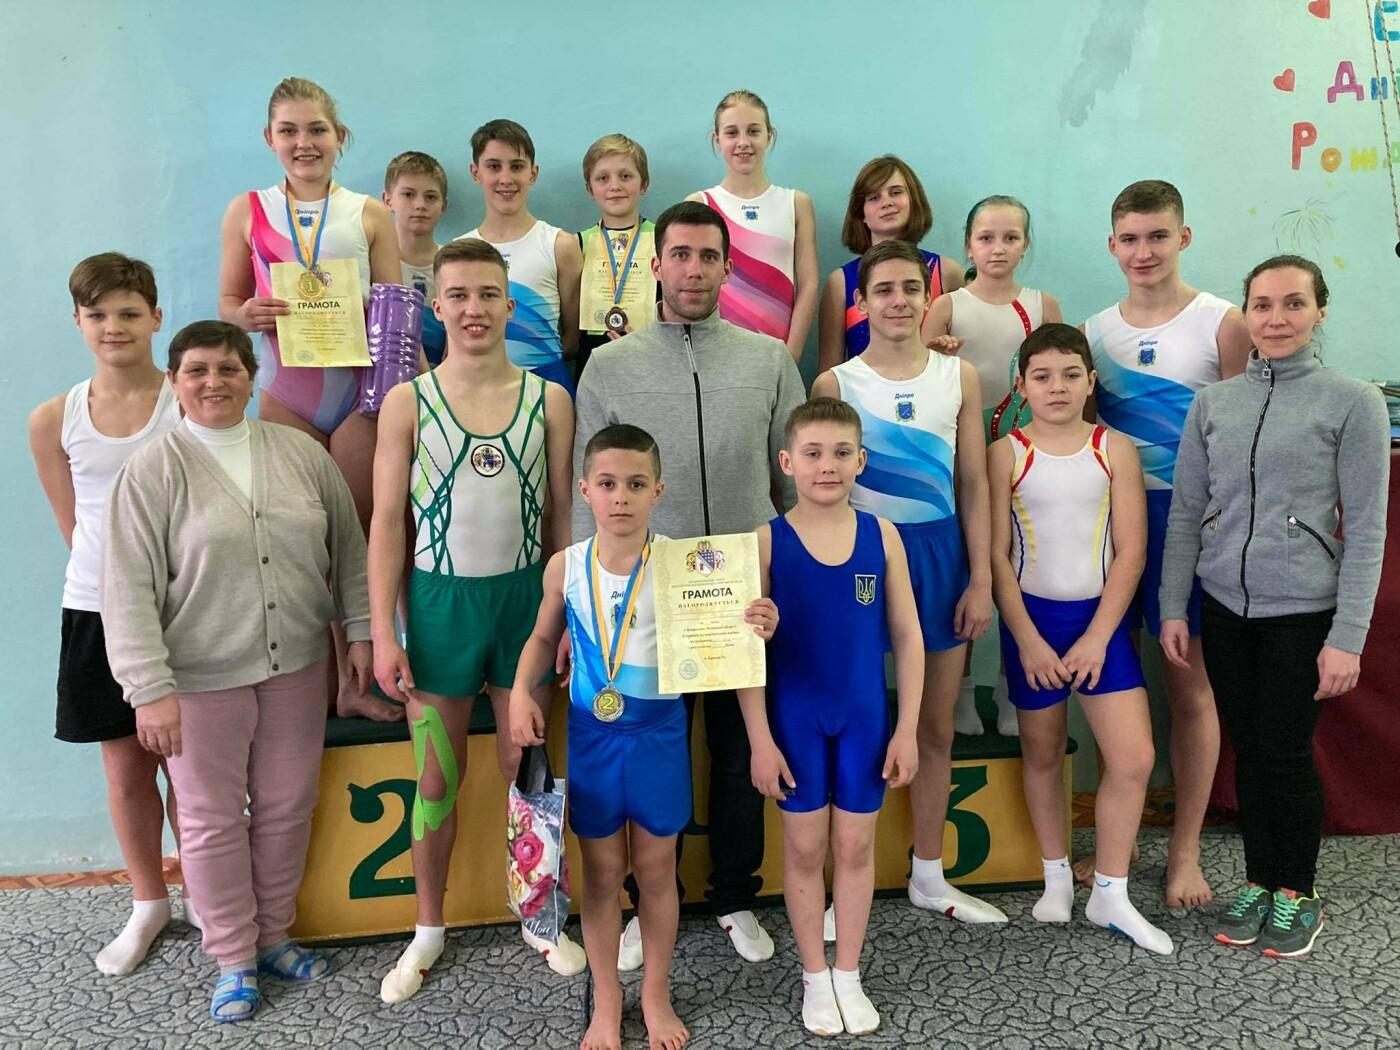 Каменские спортсмены стали призерами Чемпионата области по прыжкам на акробатической дорожке, фото-1